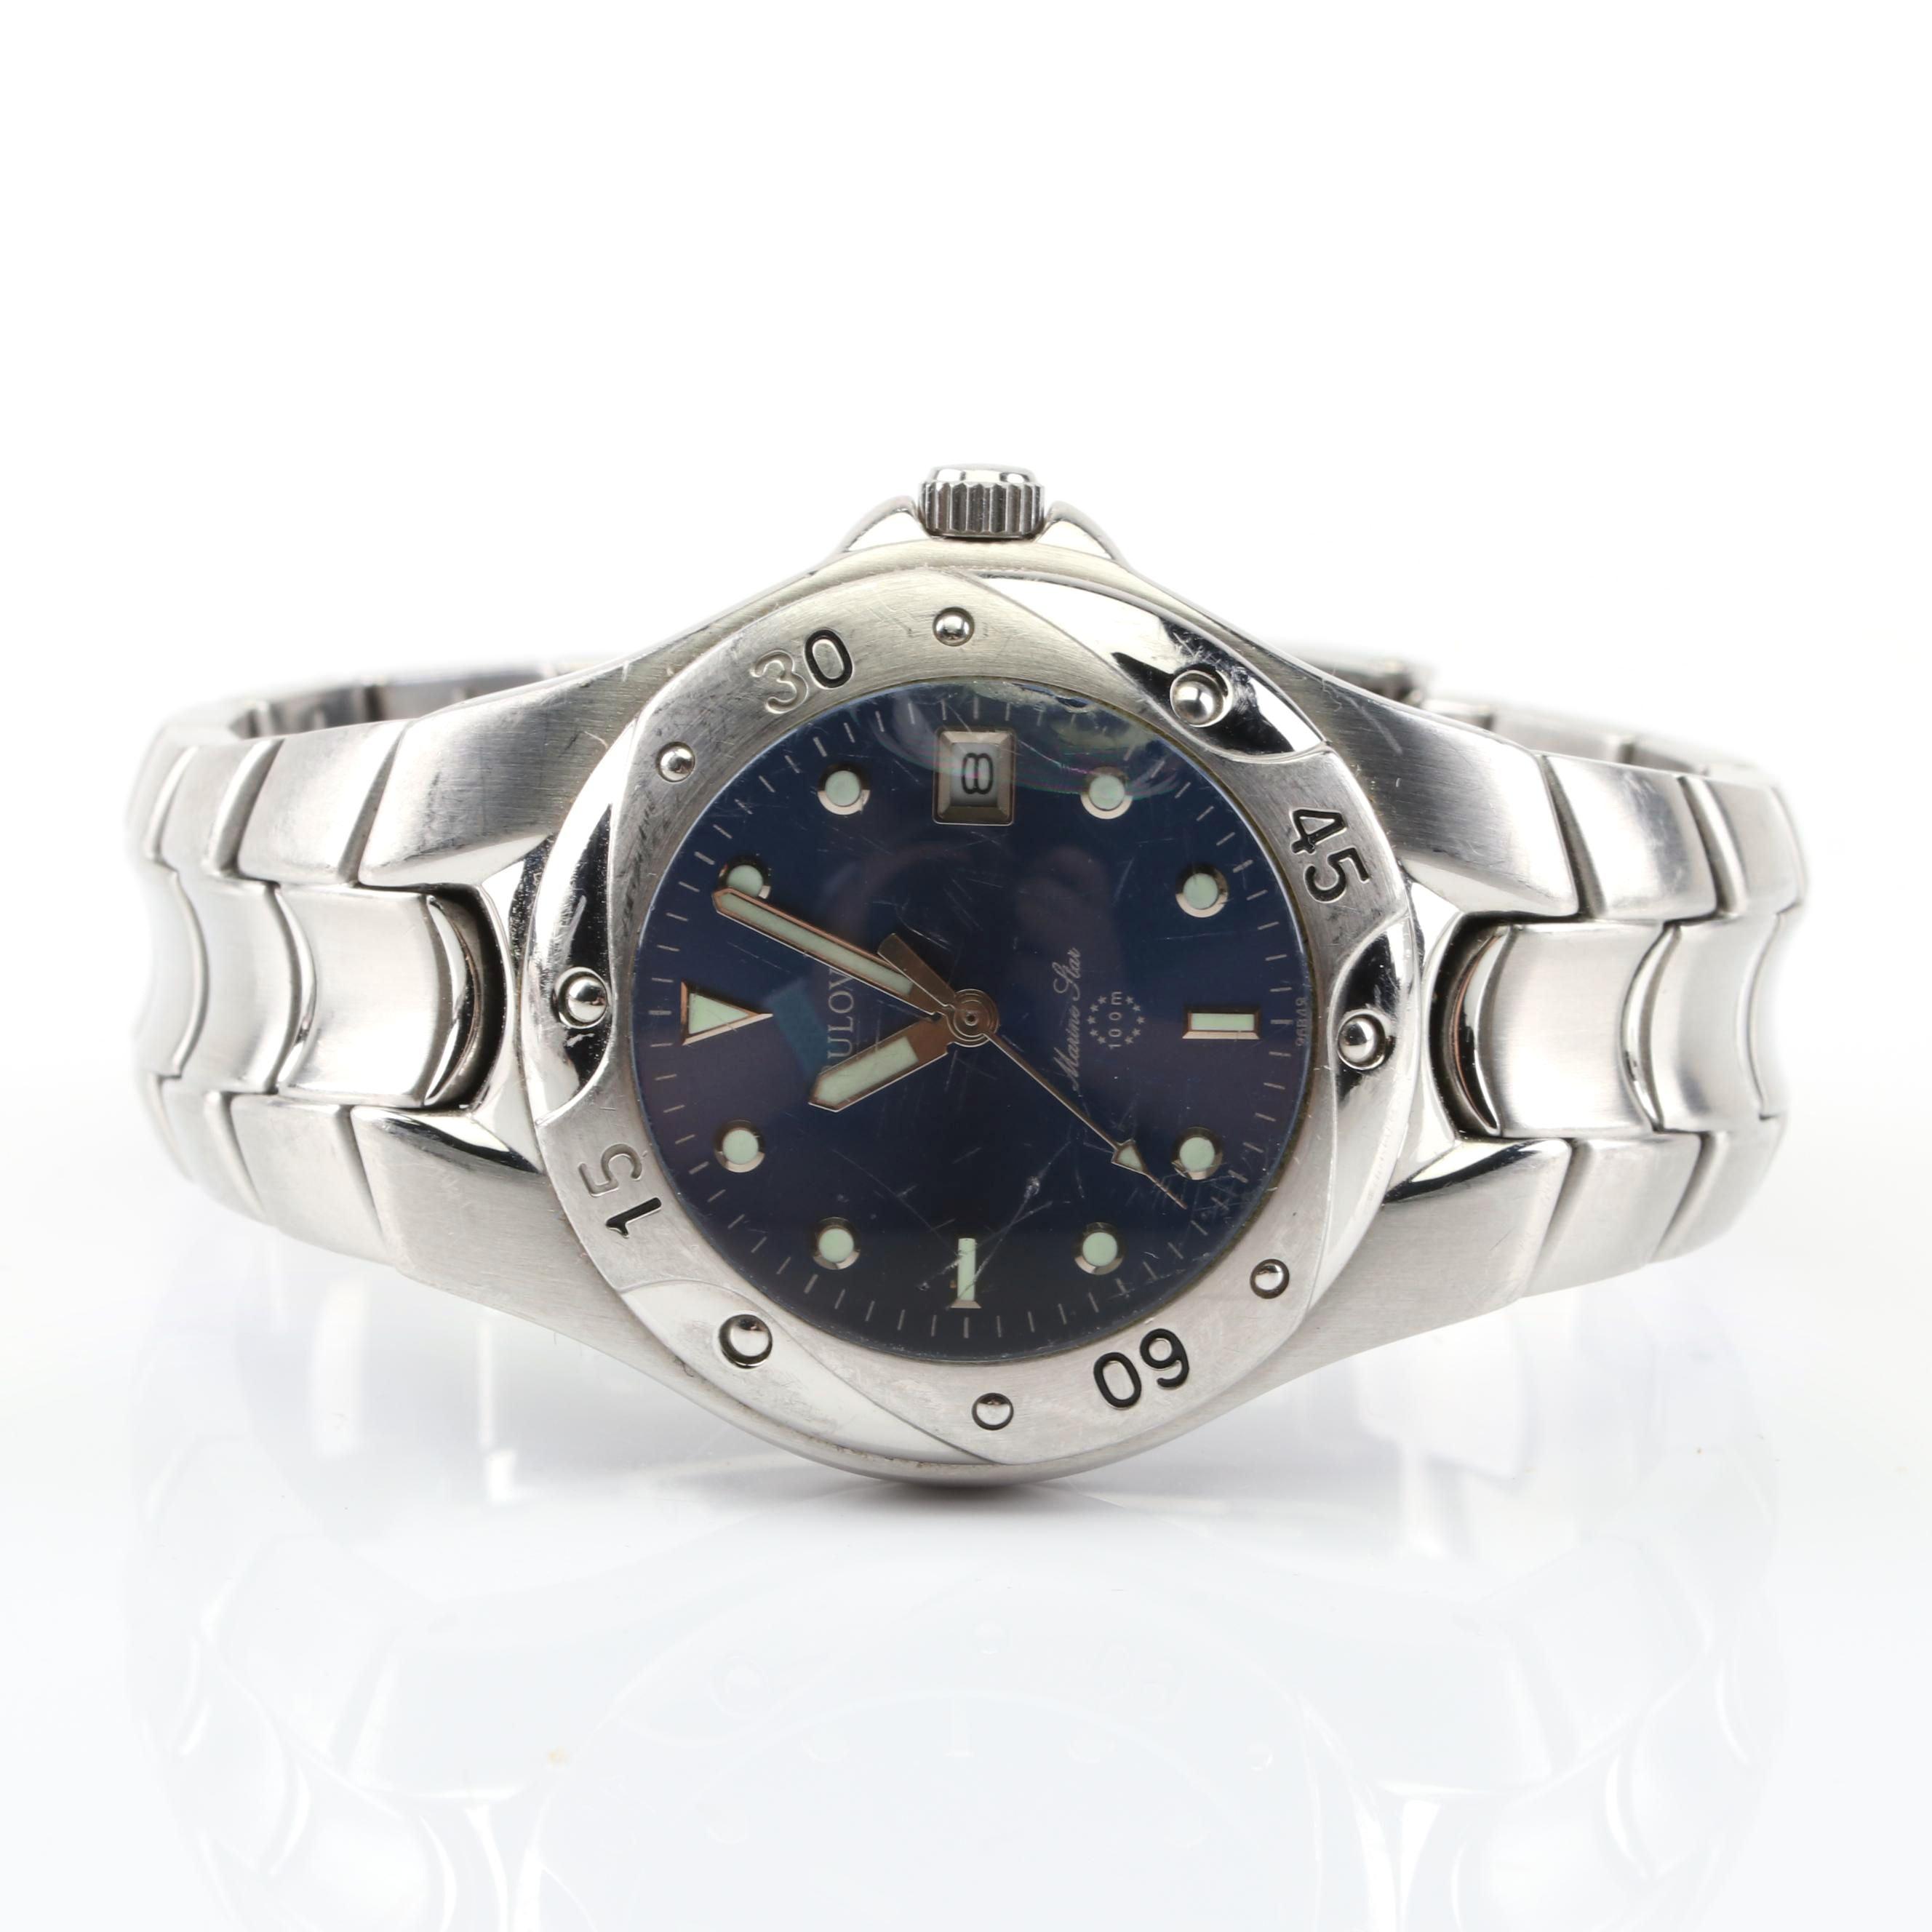 Bulovia Stainless Steel Marine Star Wristwatch